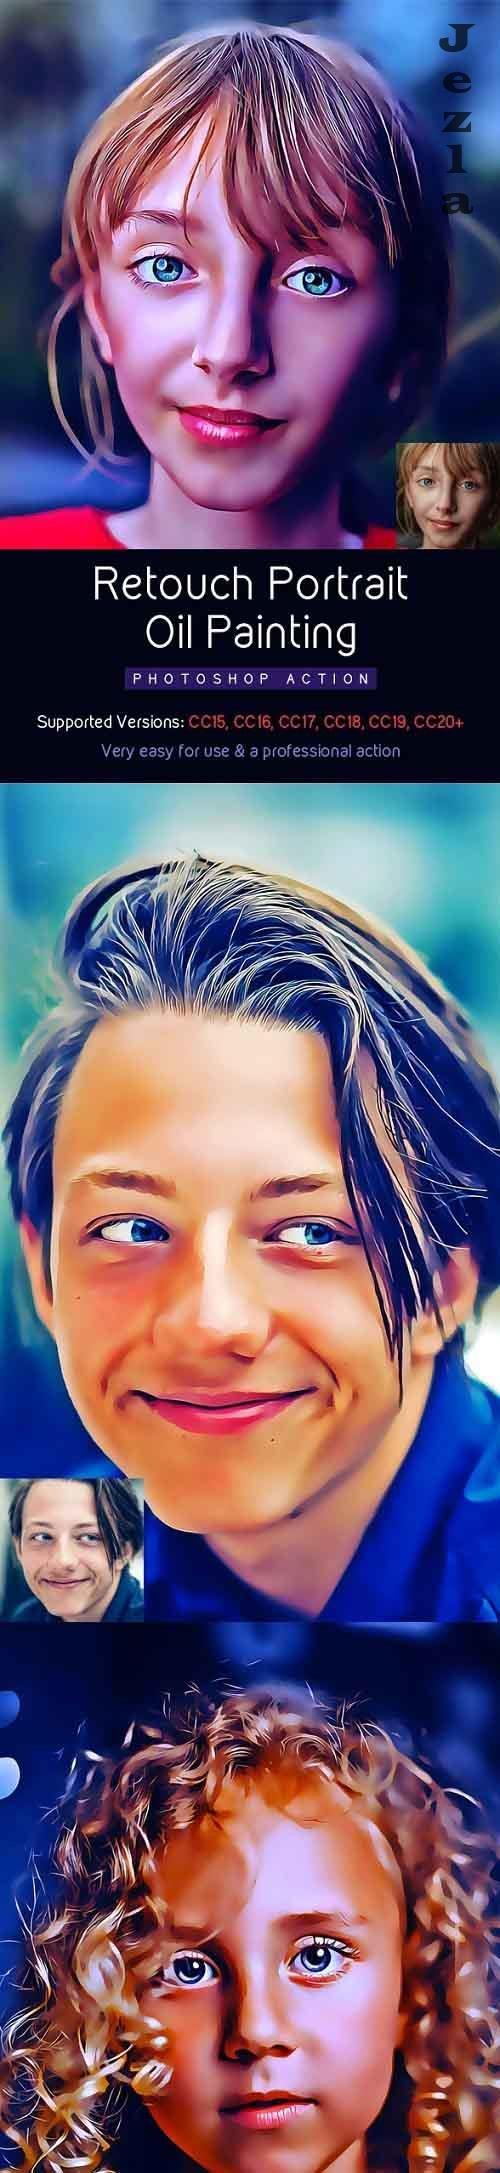 GraphicRiver - Retouch Portrait Oil Painting Action 28376484